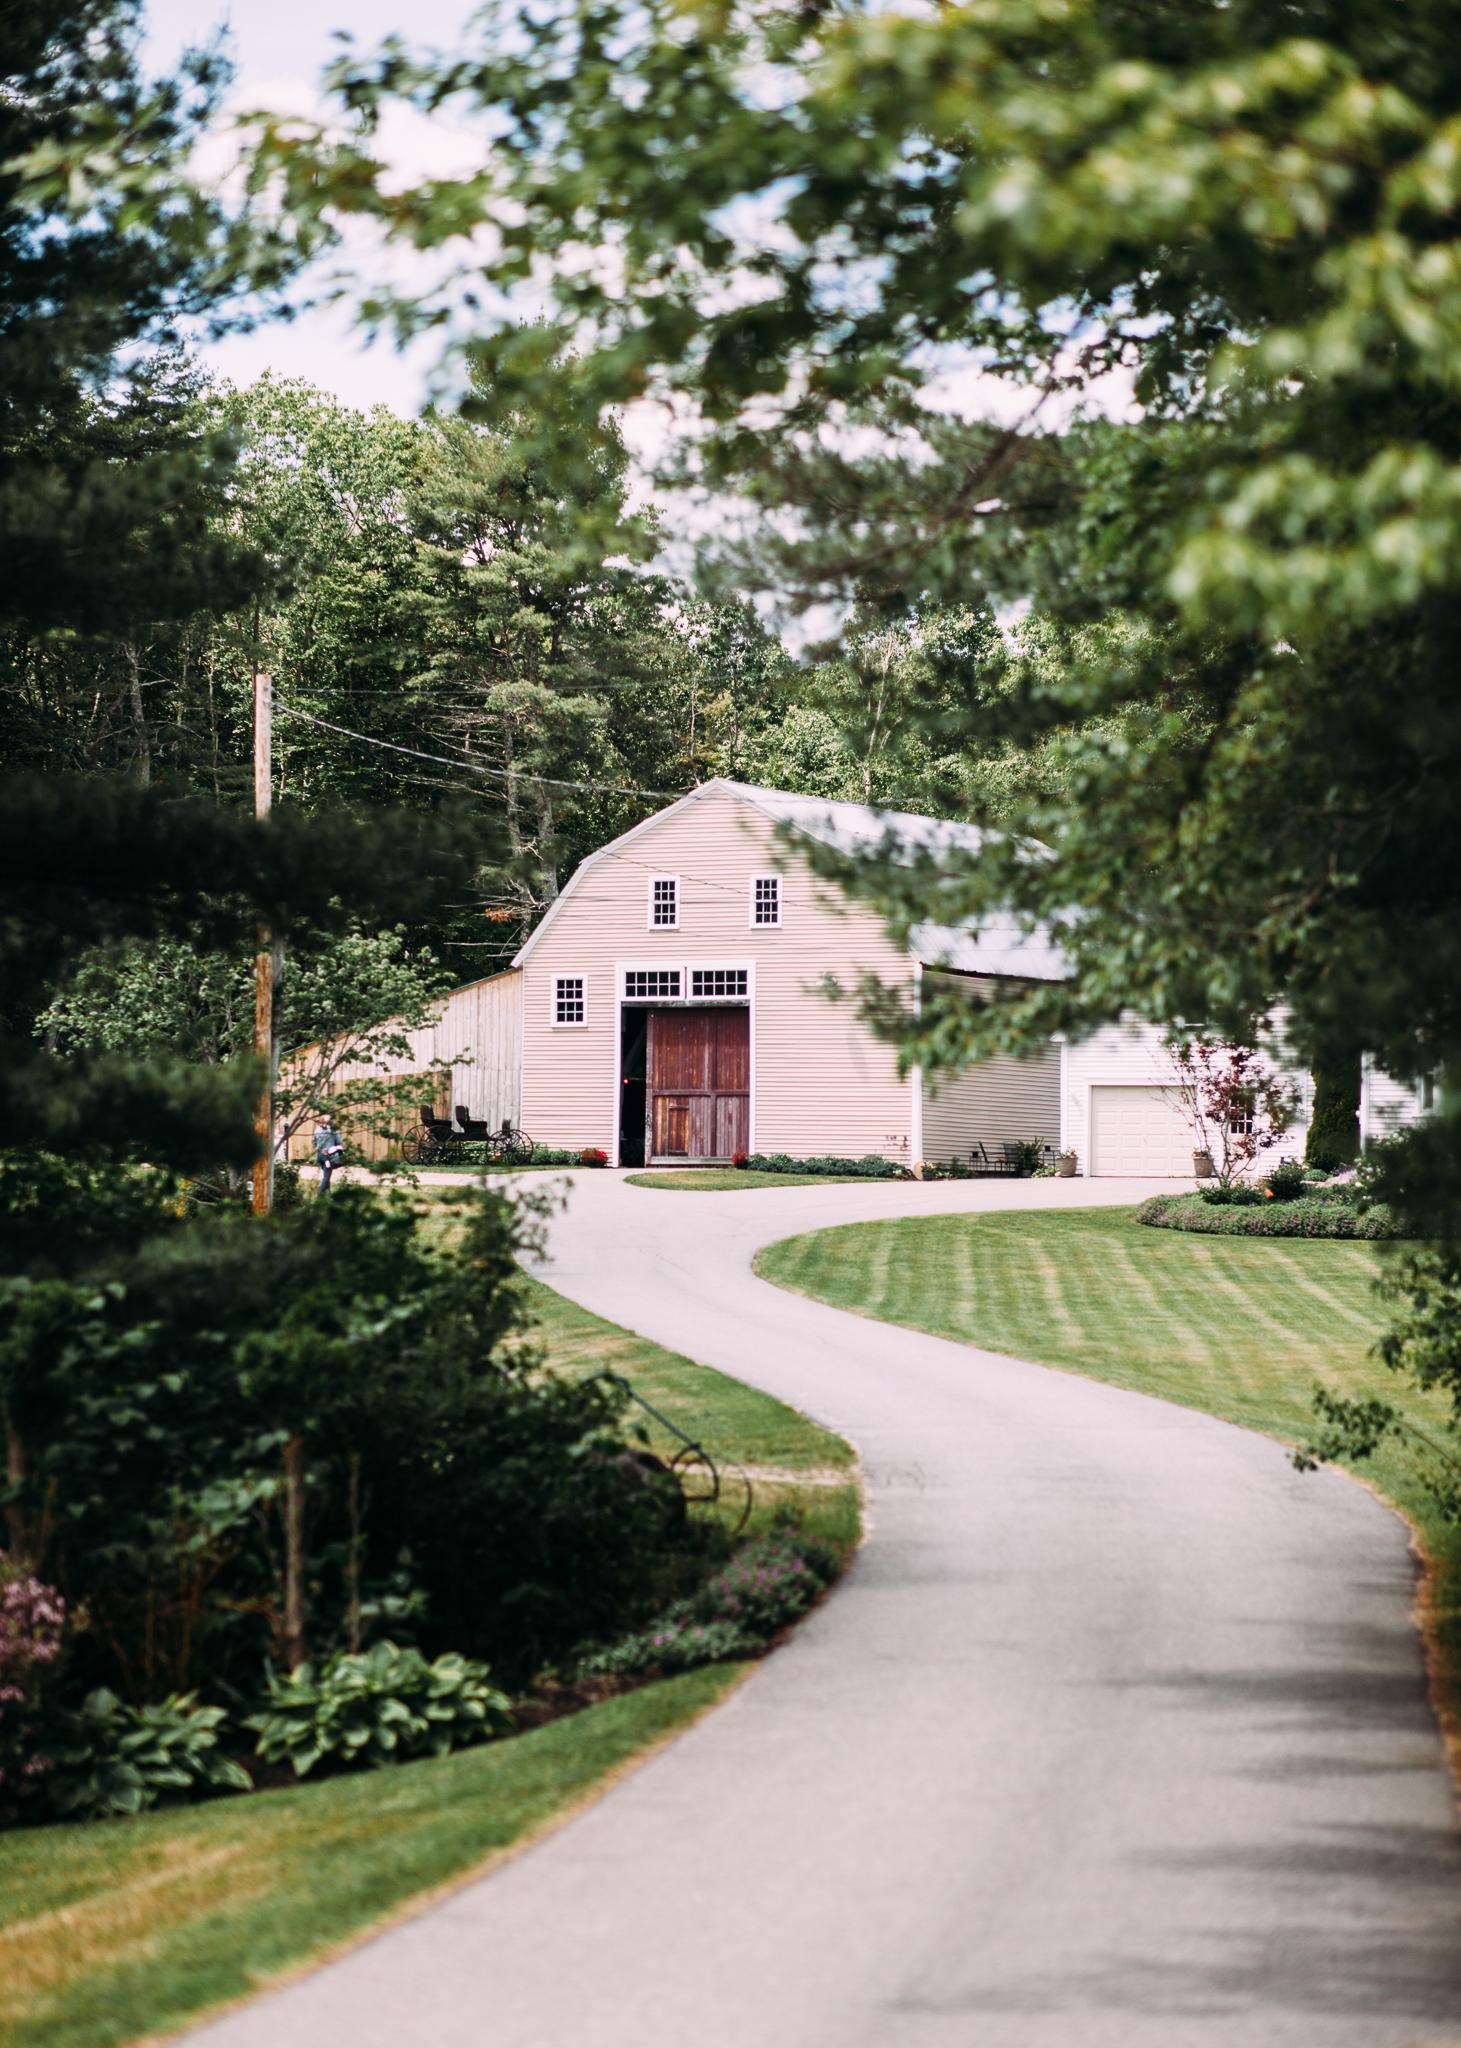 rustic-a-barn-wedding-venue-country-dayton-southern-maine-saco-biddeford.jpg